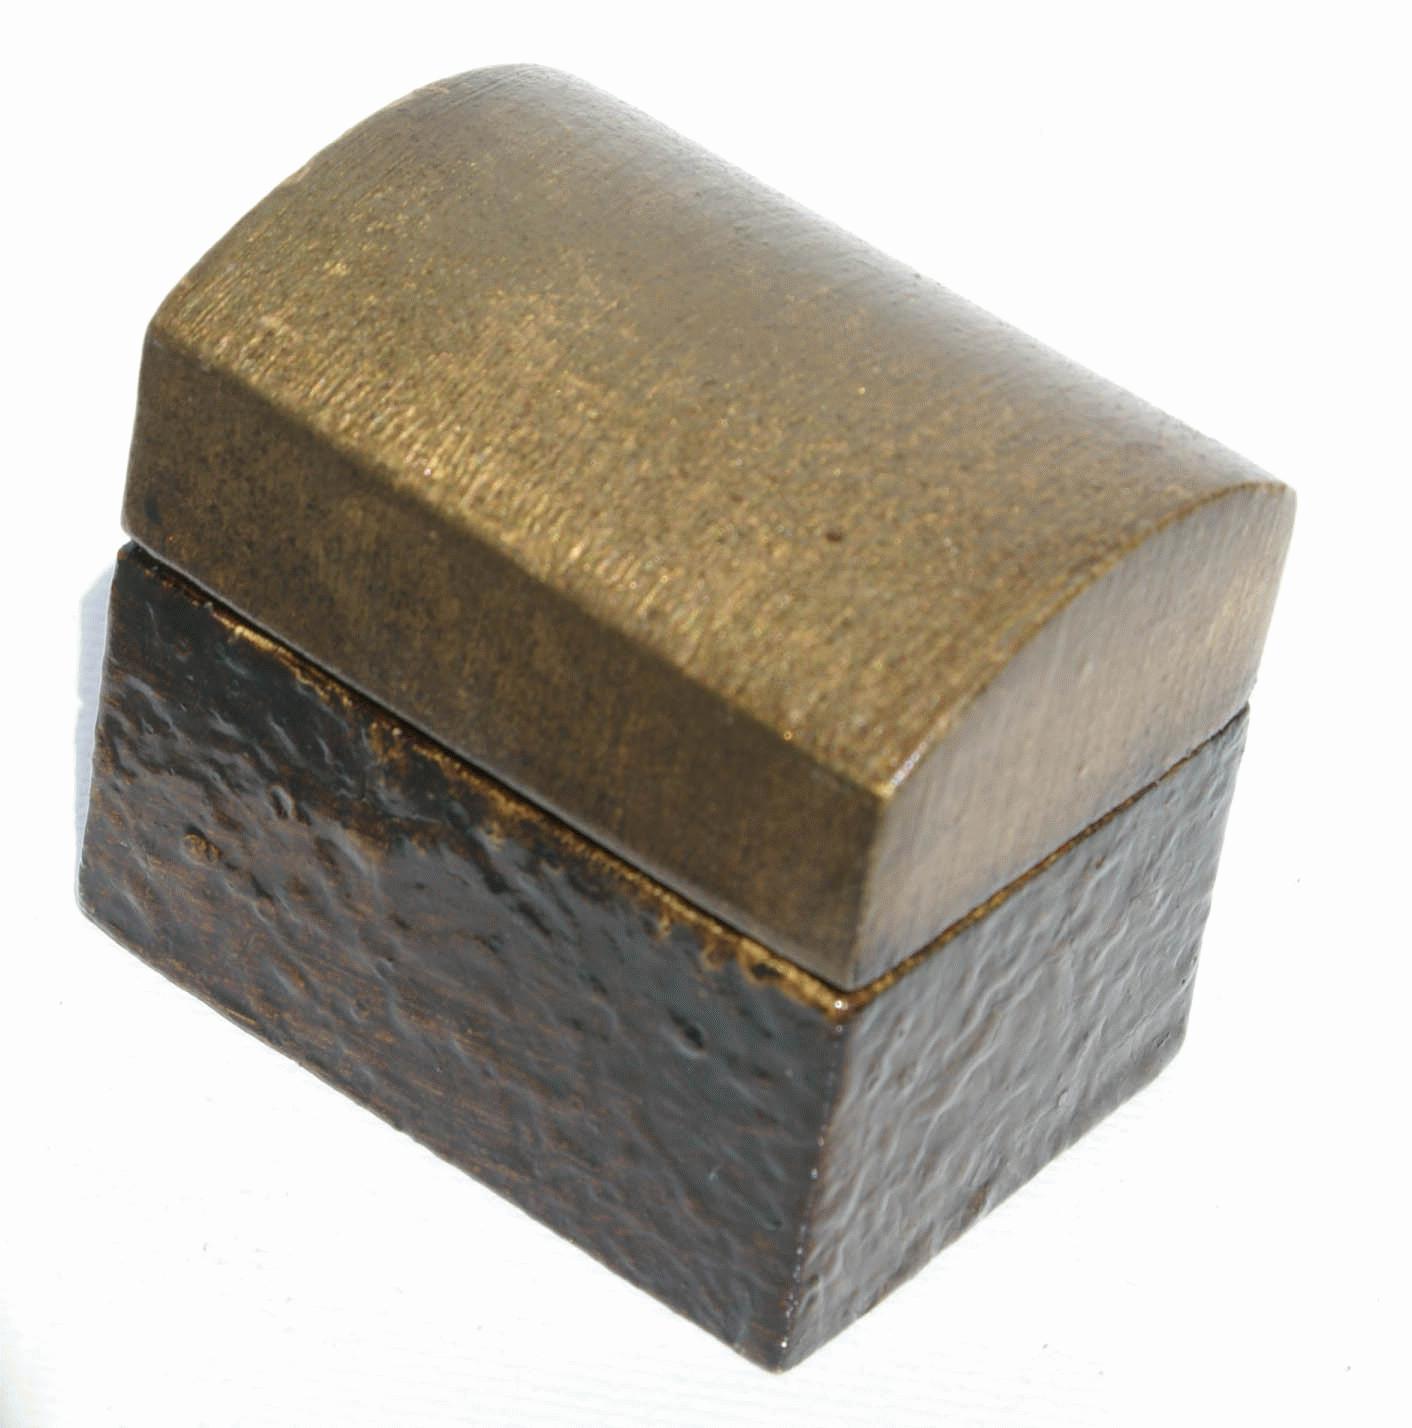 petite bo te en bois artisanat de l 39 equateur. Black Bedroom Furniture Sets. Home Design Ideas